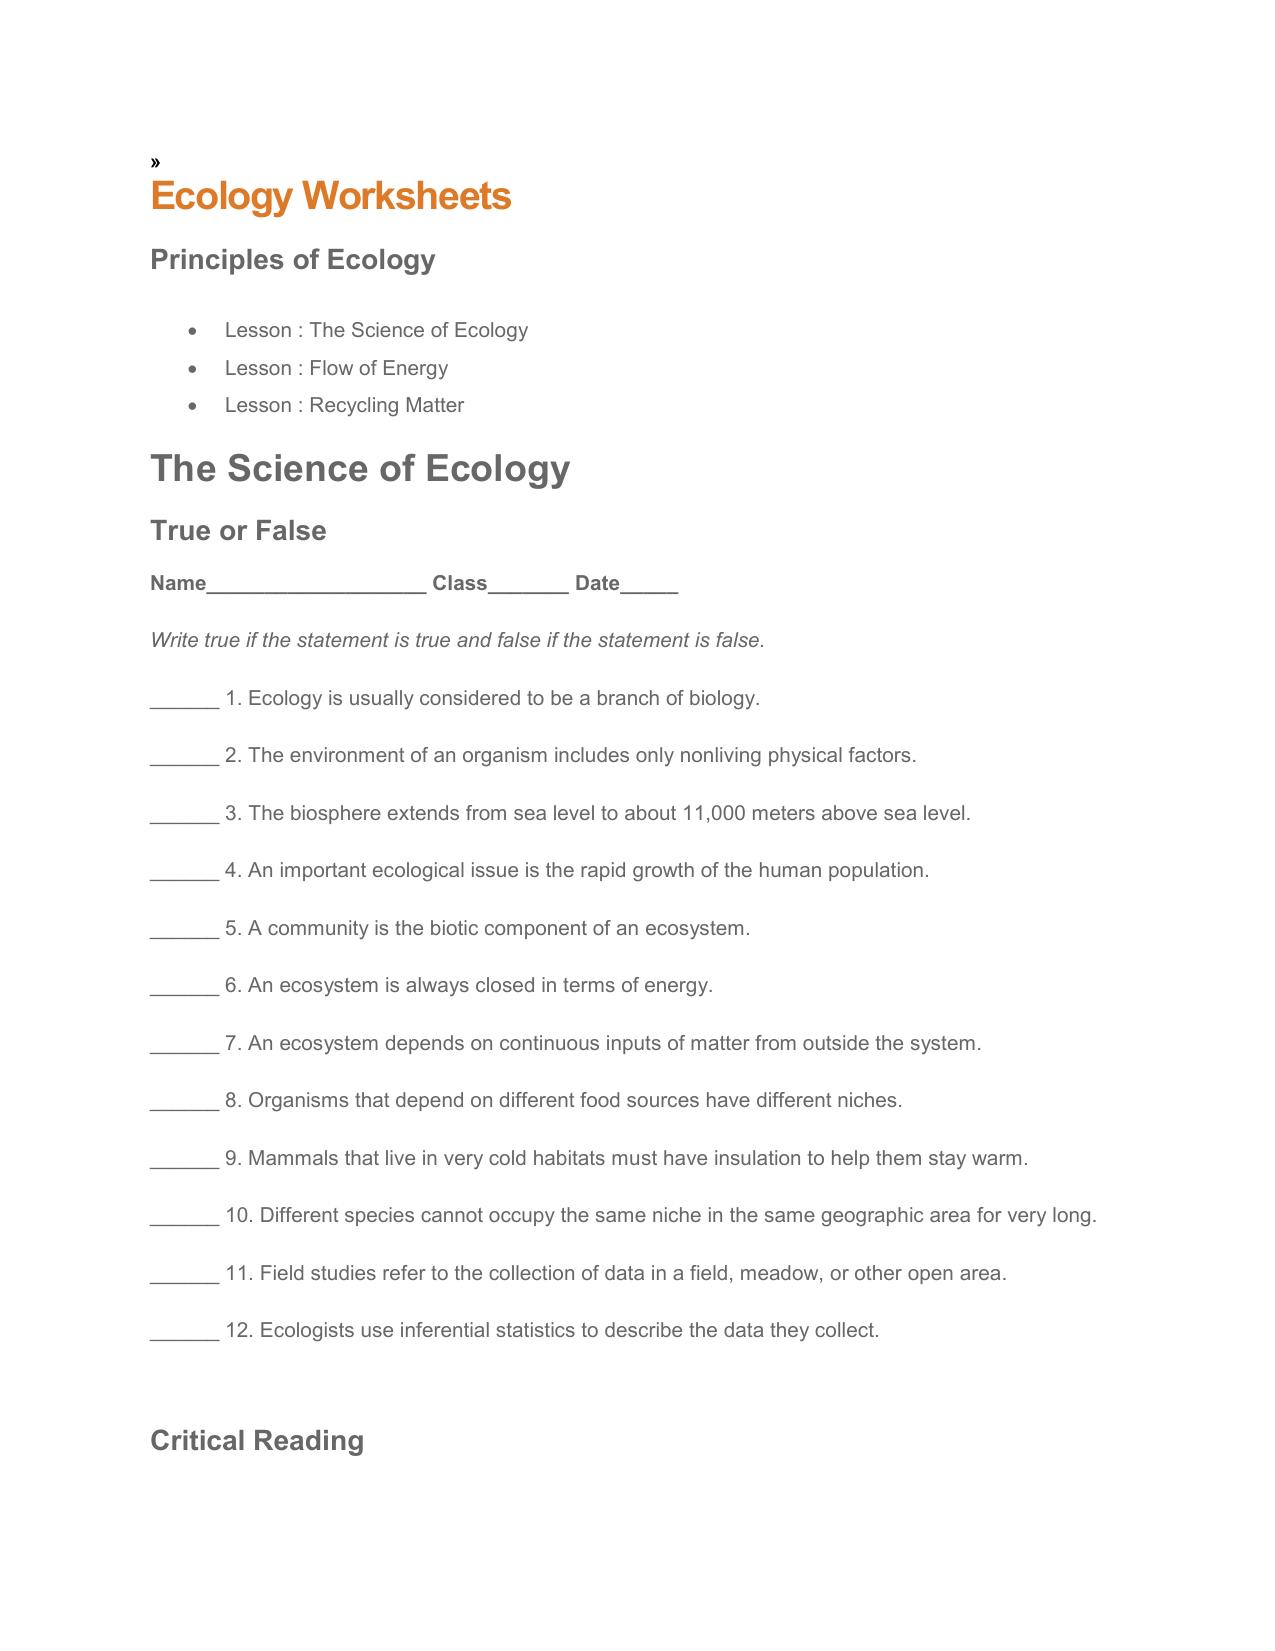 EcologyWorksheets